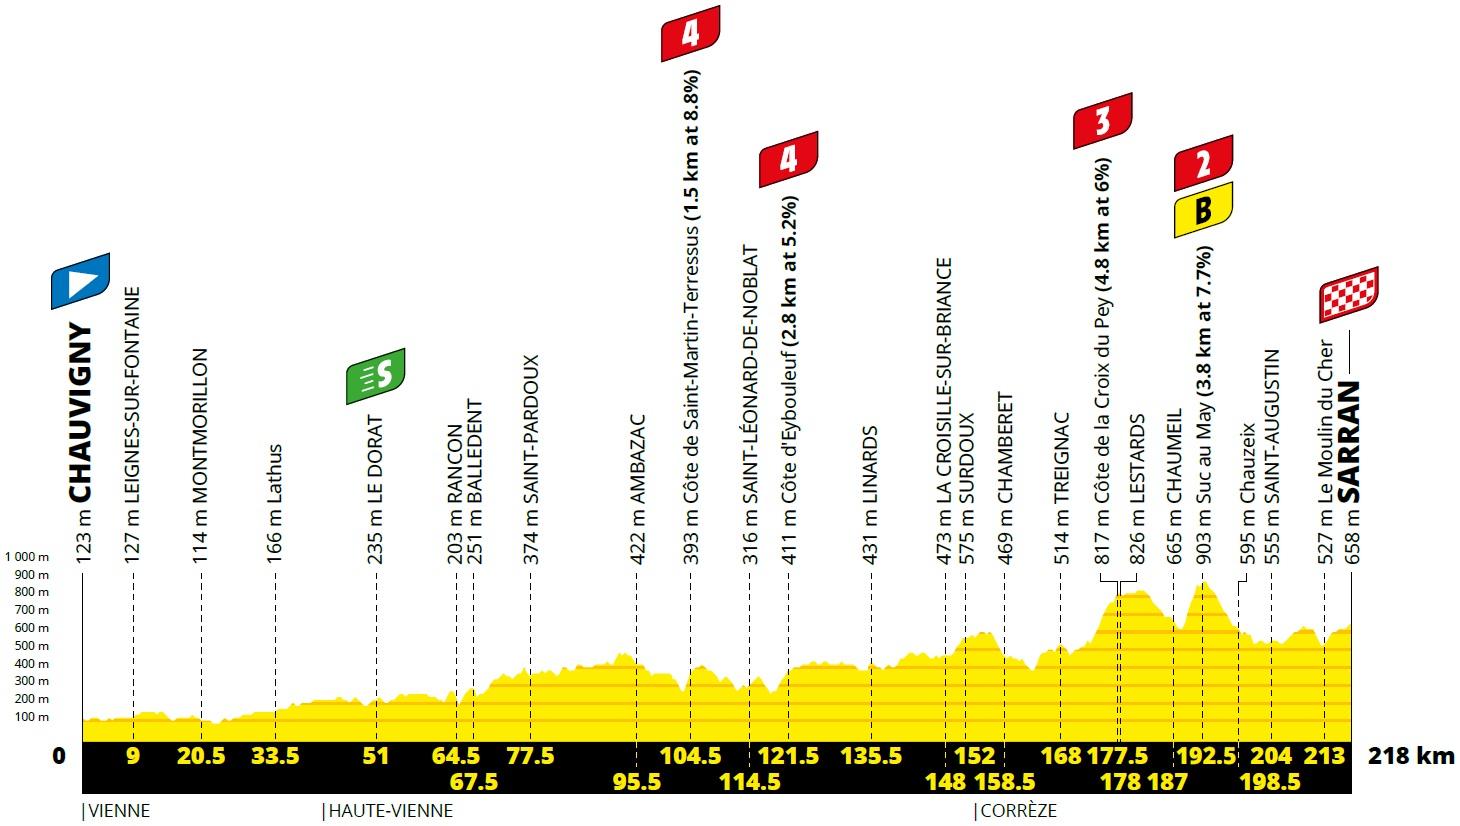 Vorschau & Favoriten Tour de France, Etappe 12